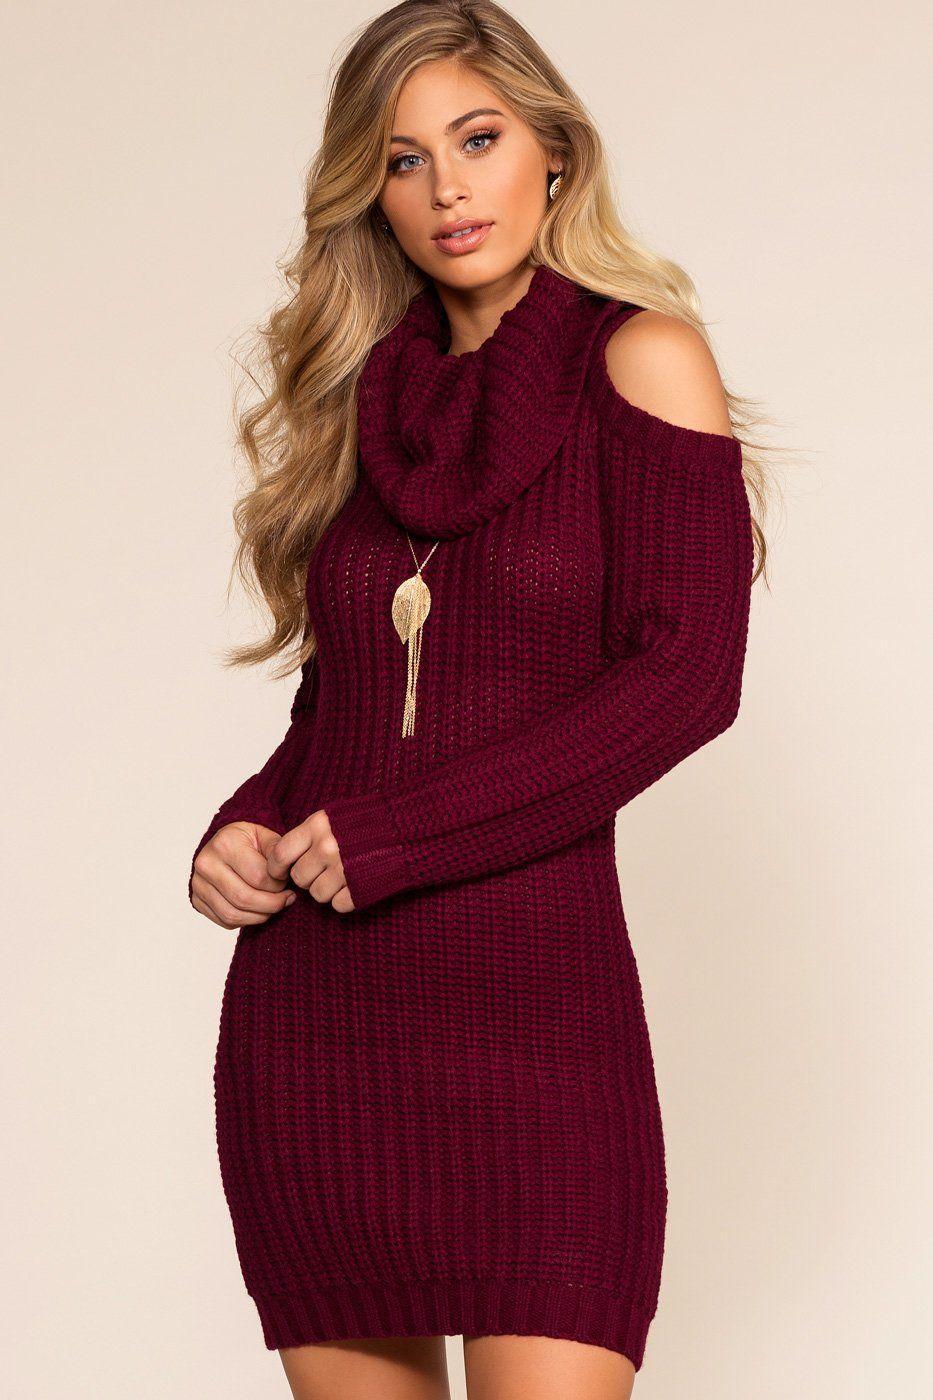 Dion cold shoulder sweater dress burgundy cold